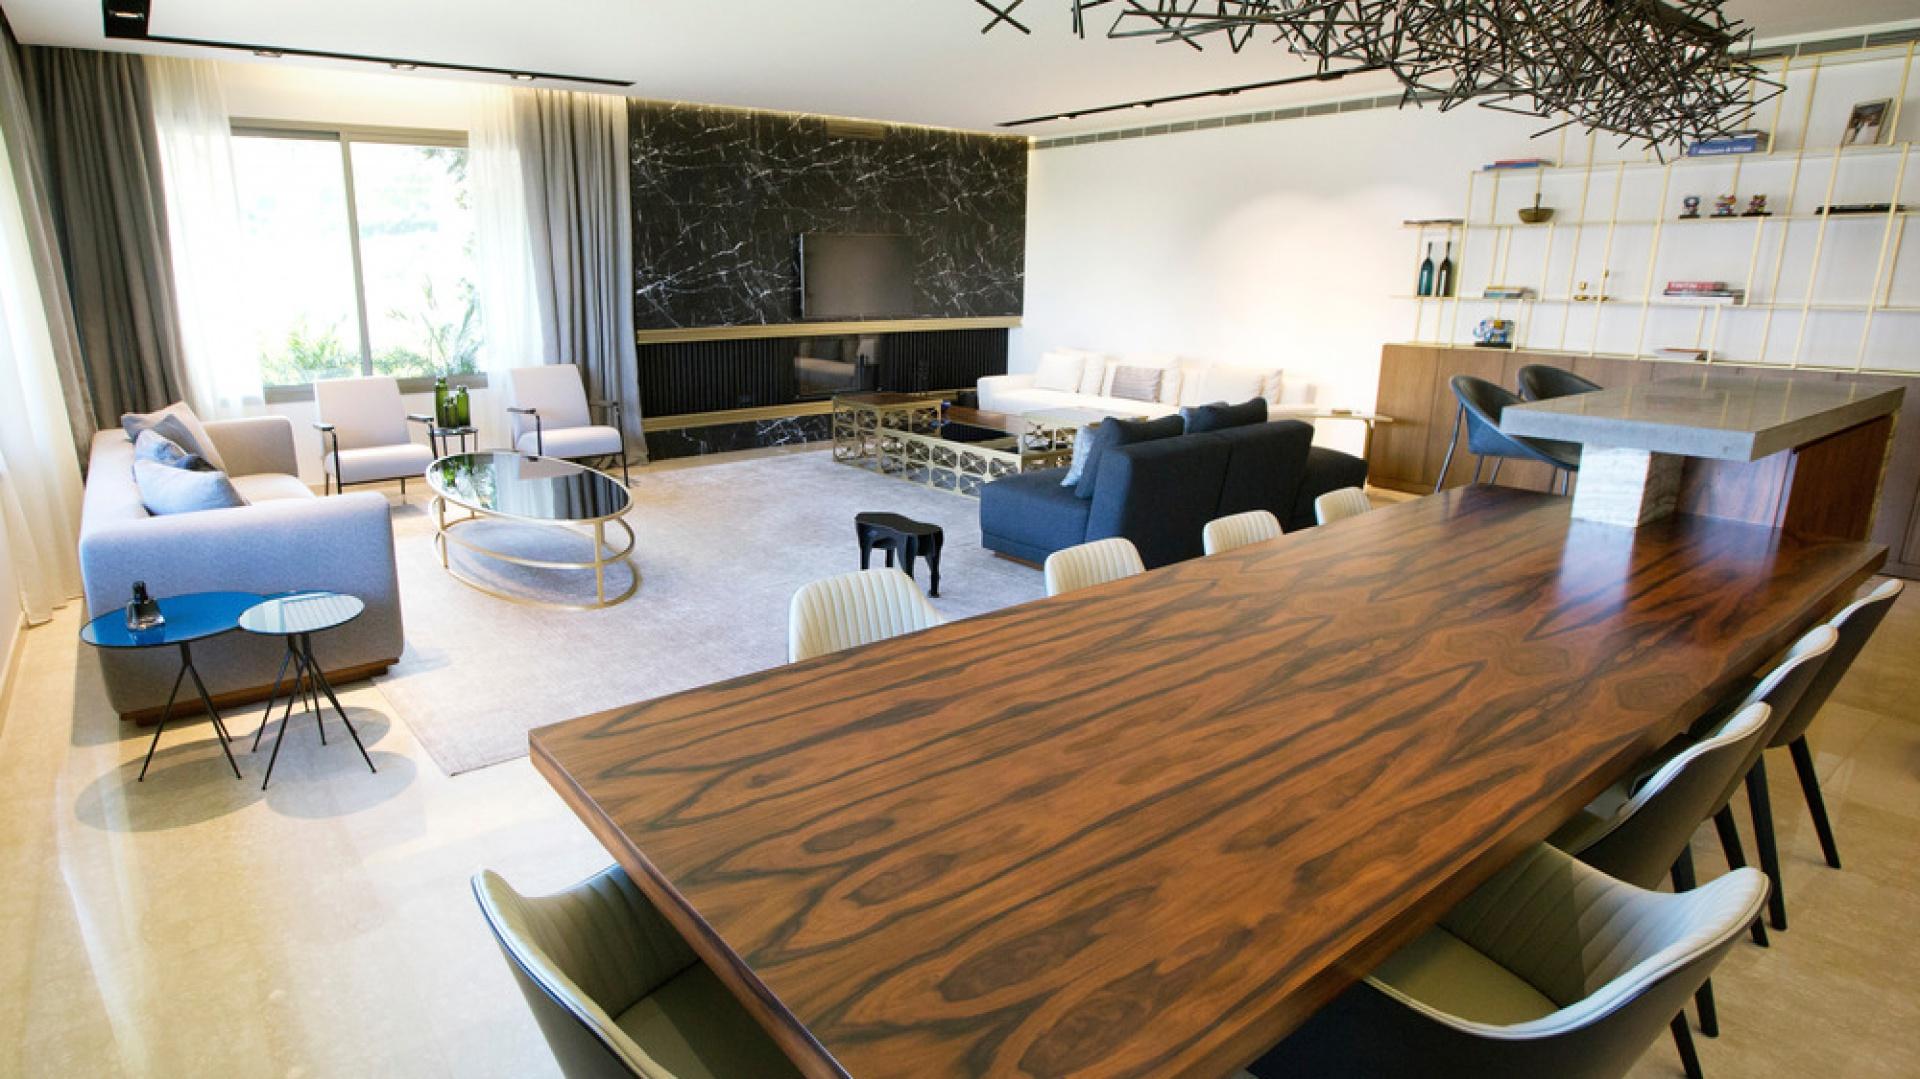 Zestawienie ze sobą naturalnych materiałów, jak drewno palisandrowe i czarny marmur nadaje wnętrzu szlachetny wyraz. Projekt: Ronald Helou Design. Fot. Rudy Bouchebel.